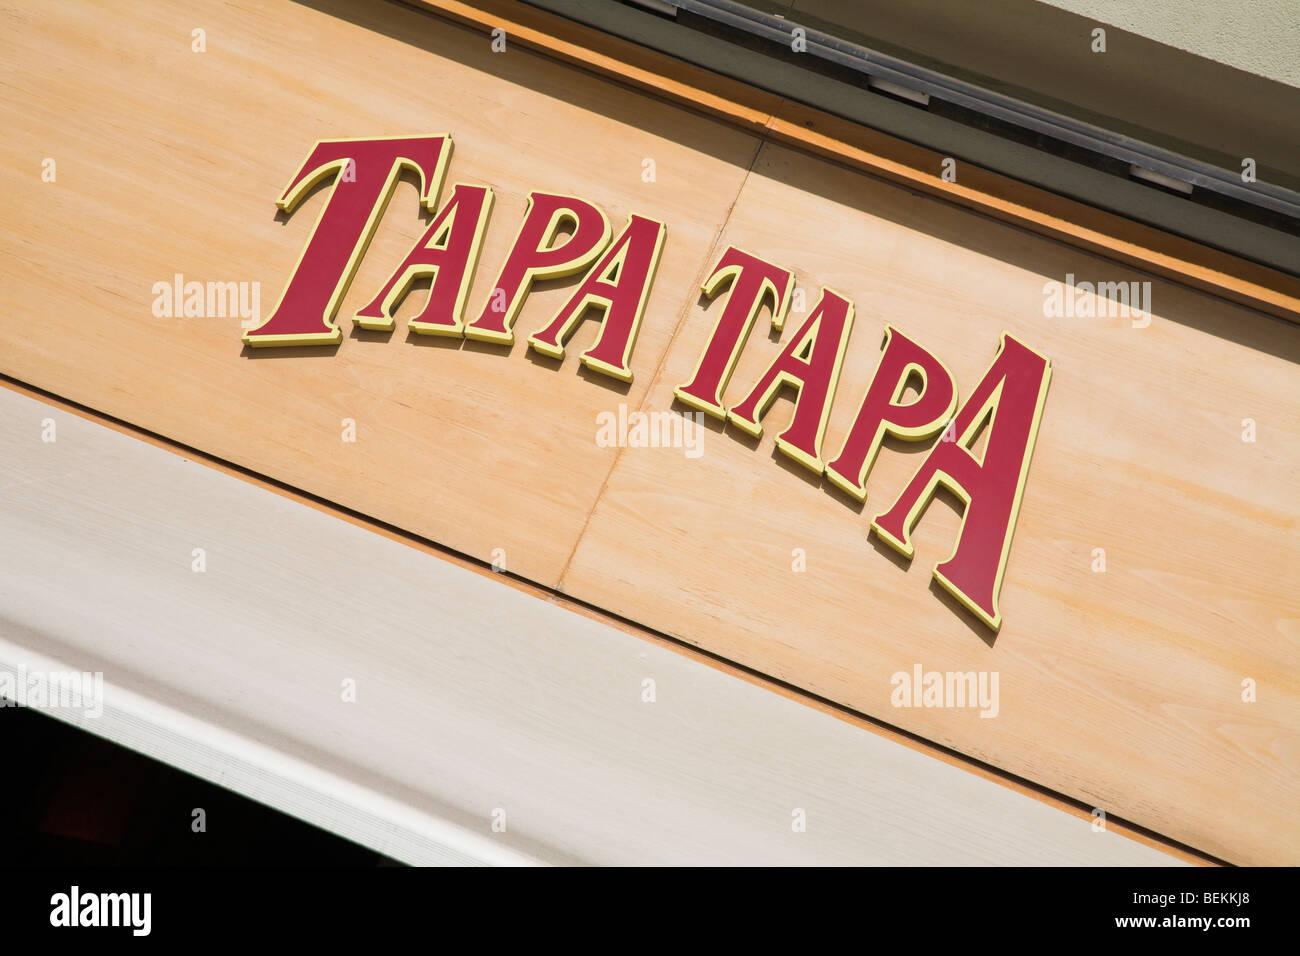 Bar de tapas - Barcelona Imagen De Stock